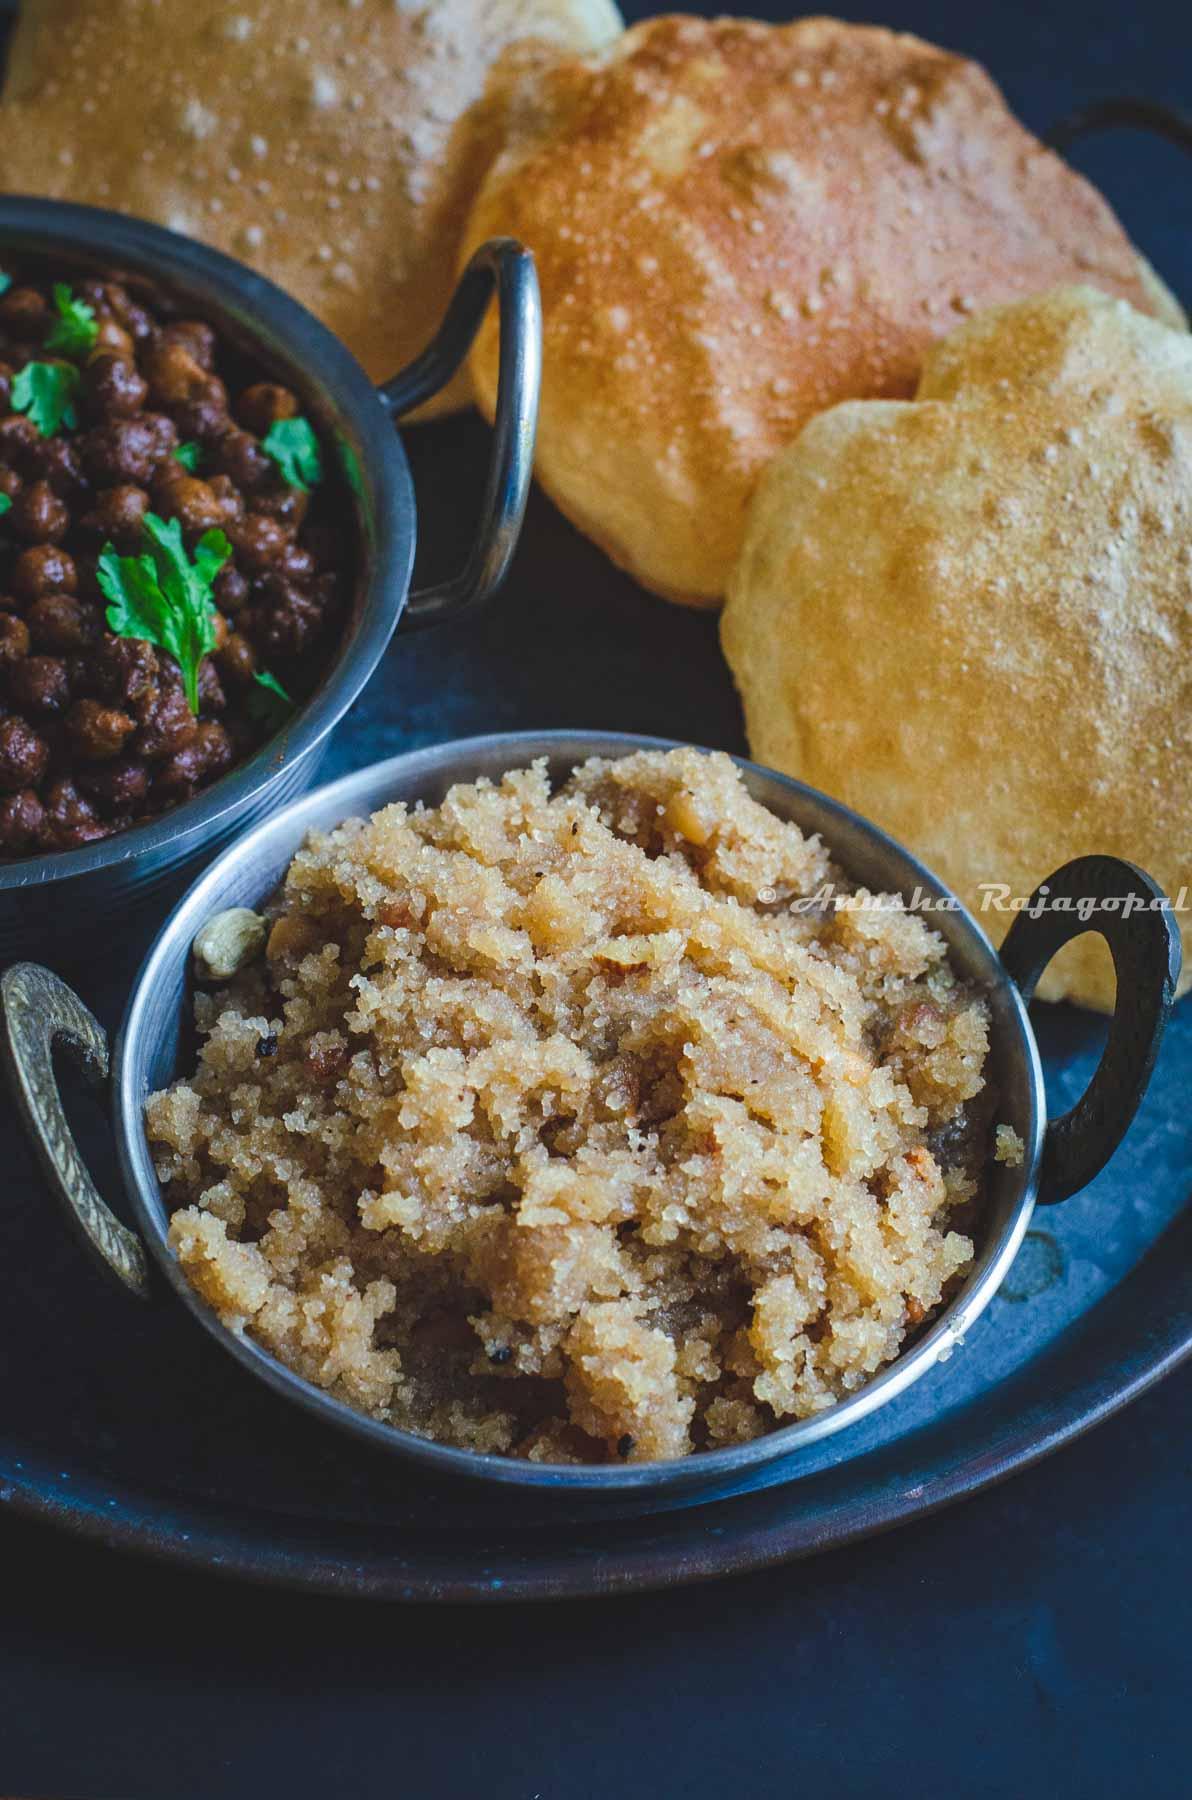 Sooji ka Halwa served on a grey platter with poori and kala chana